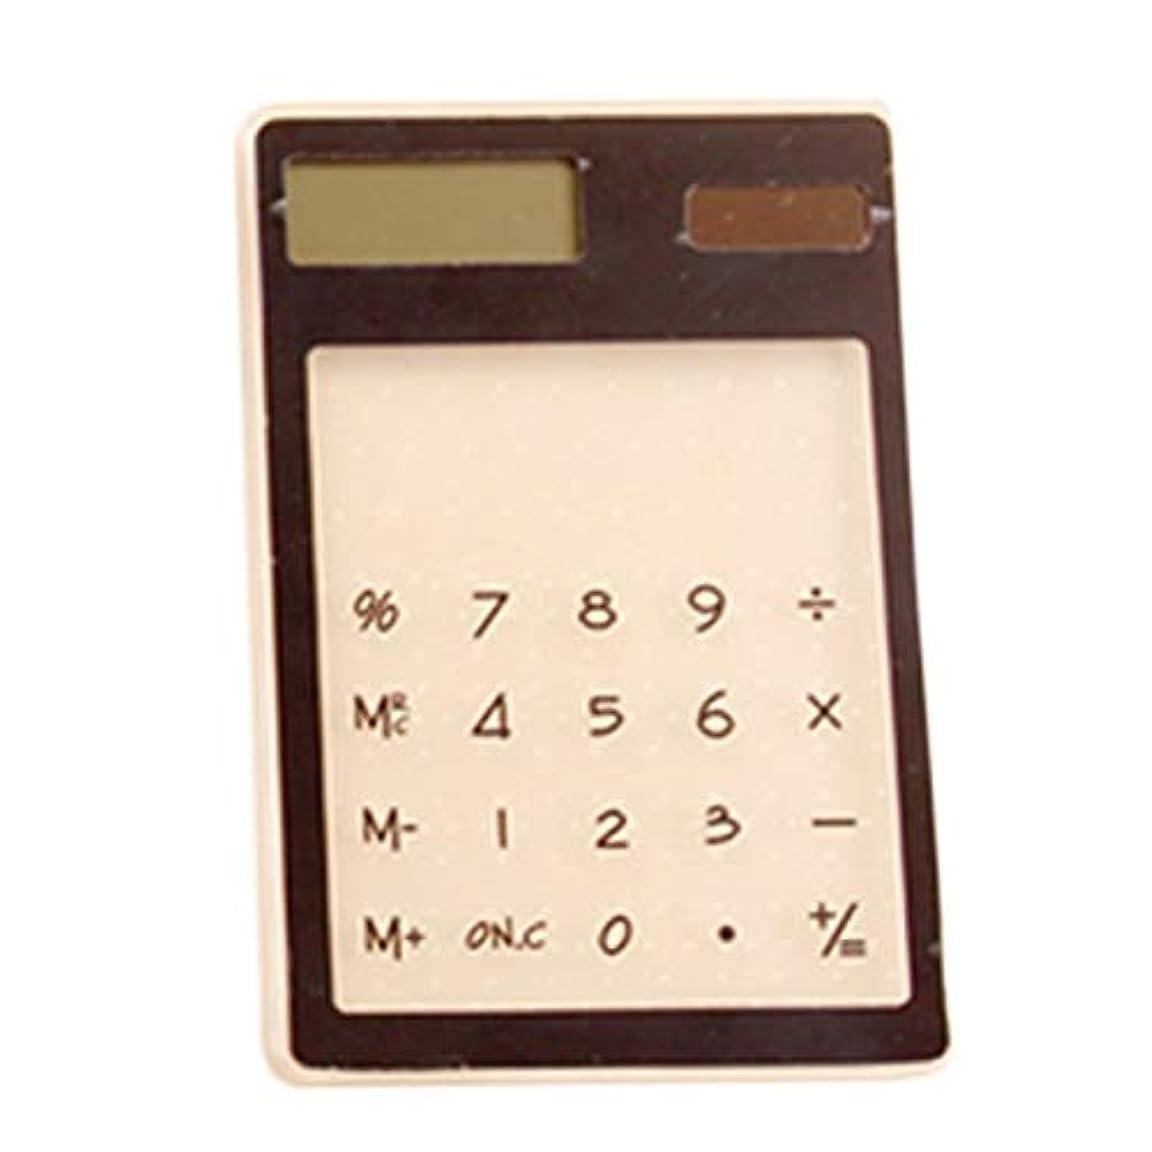 なめらか目指す振動させるTool Parts - 1個 携帯用 透明 科学電卓 キュート ポケット 太陽電卓 - ダイレクト パーツ 収納 オーガナイザー カート トレー ツール ツール パーツ 太陽電池式 ファッション 電卓 ランプ アウトドア ブラック